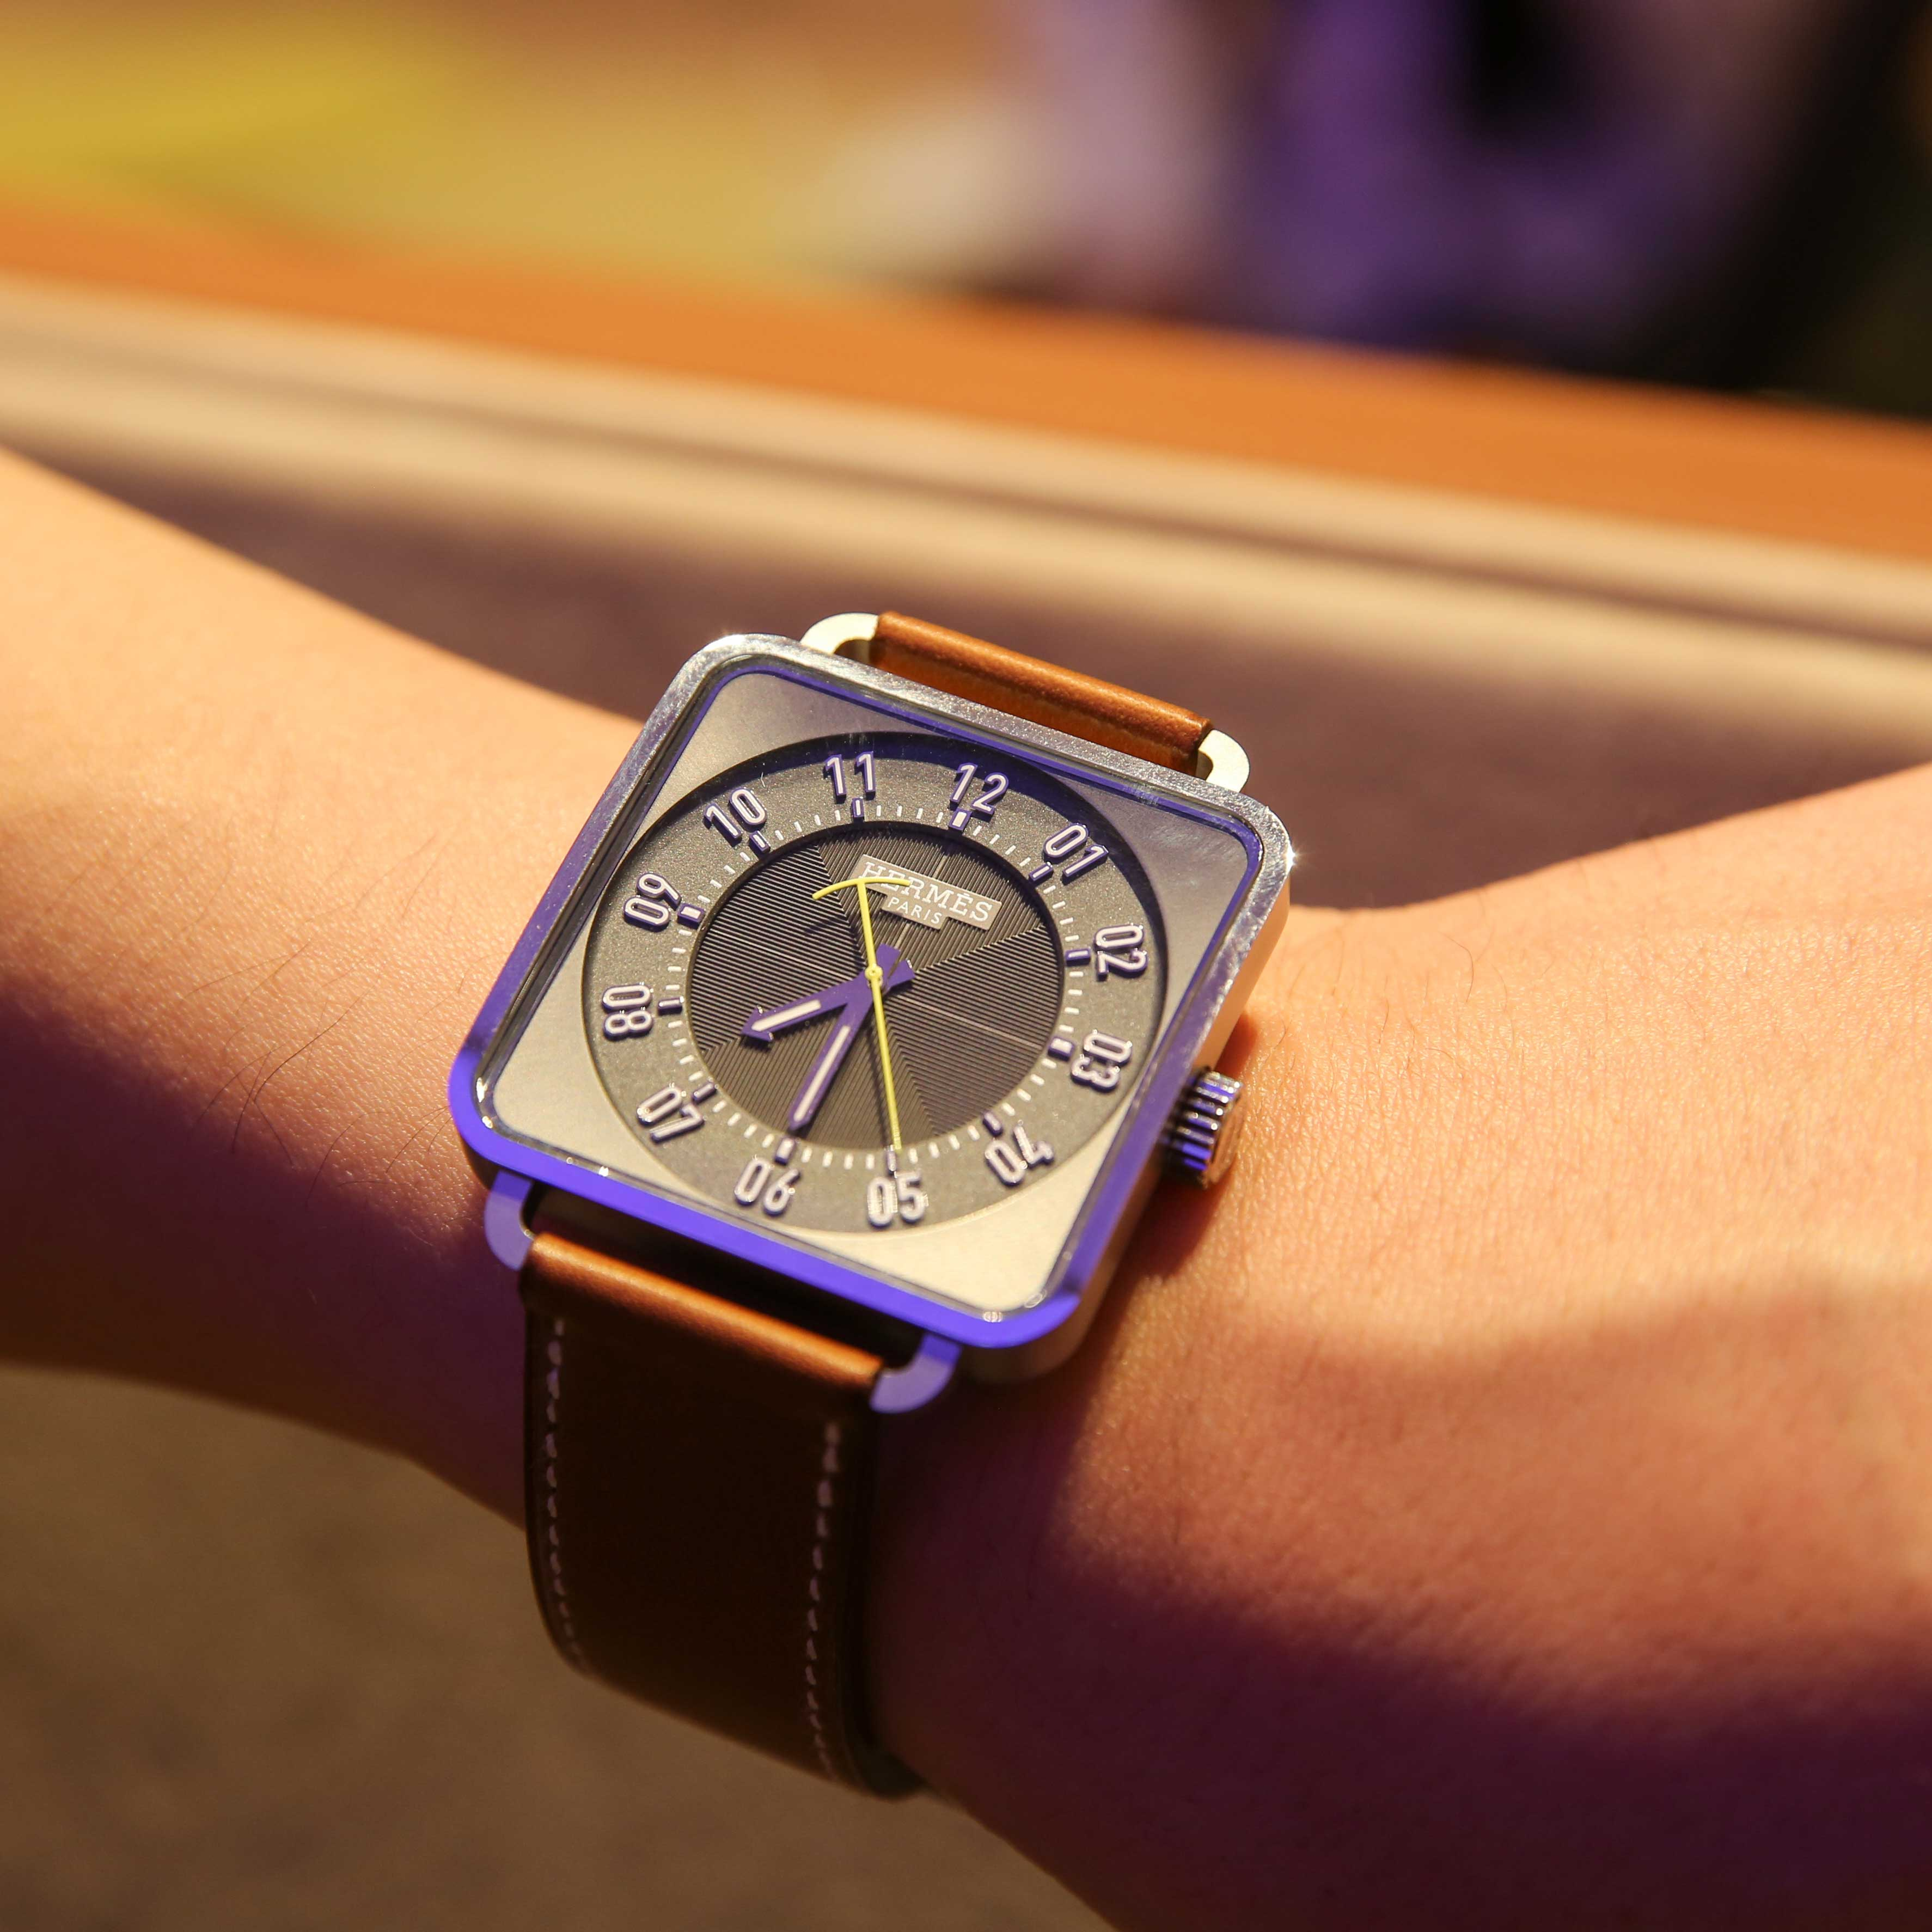 爱马仕方形腕表